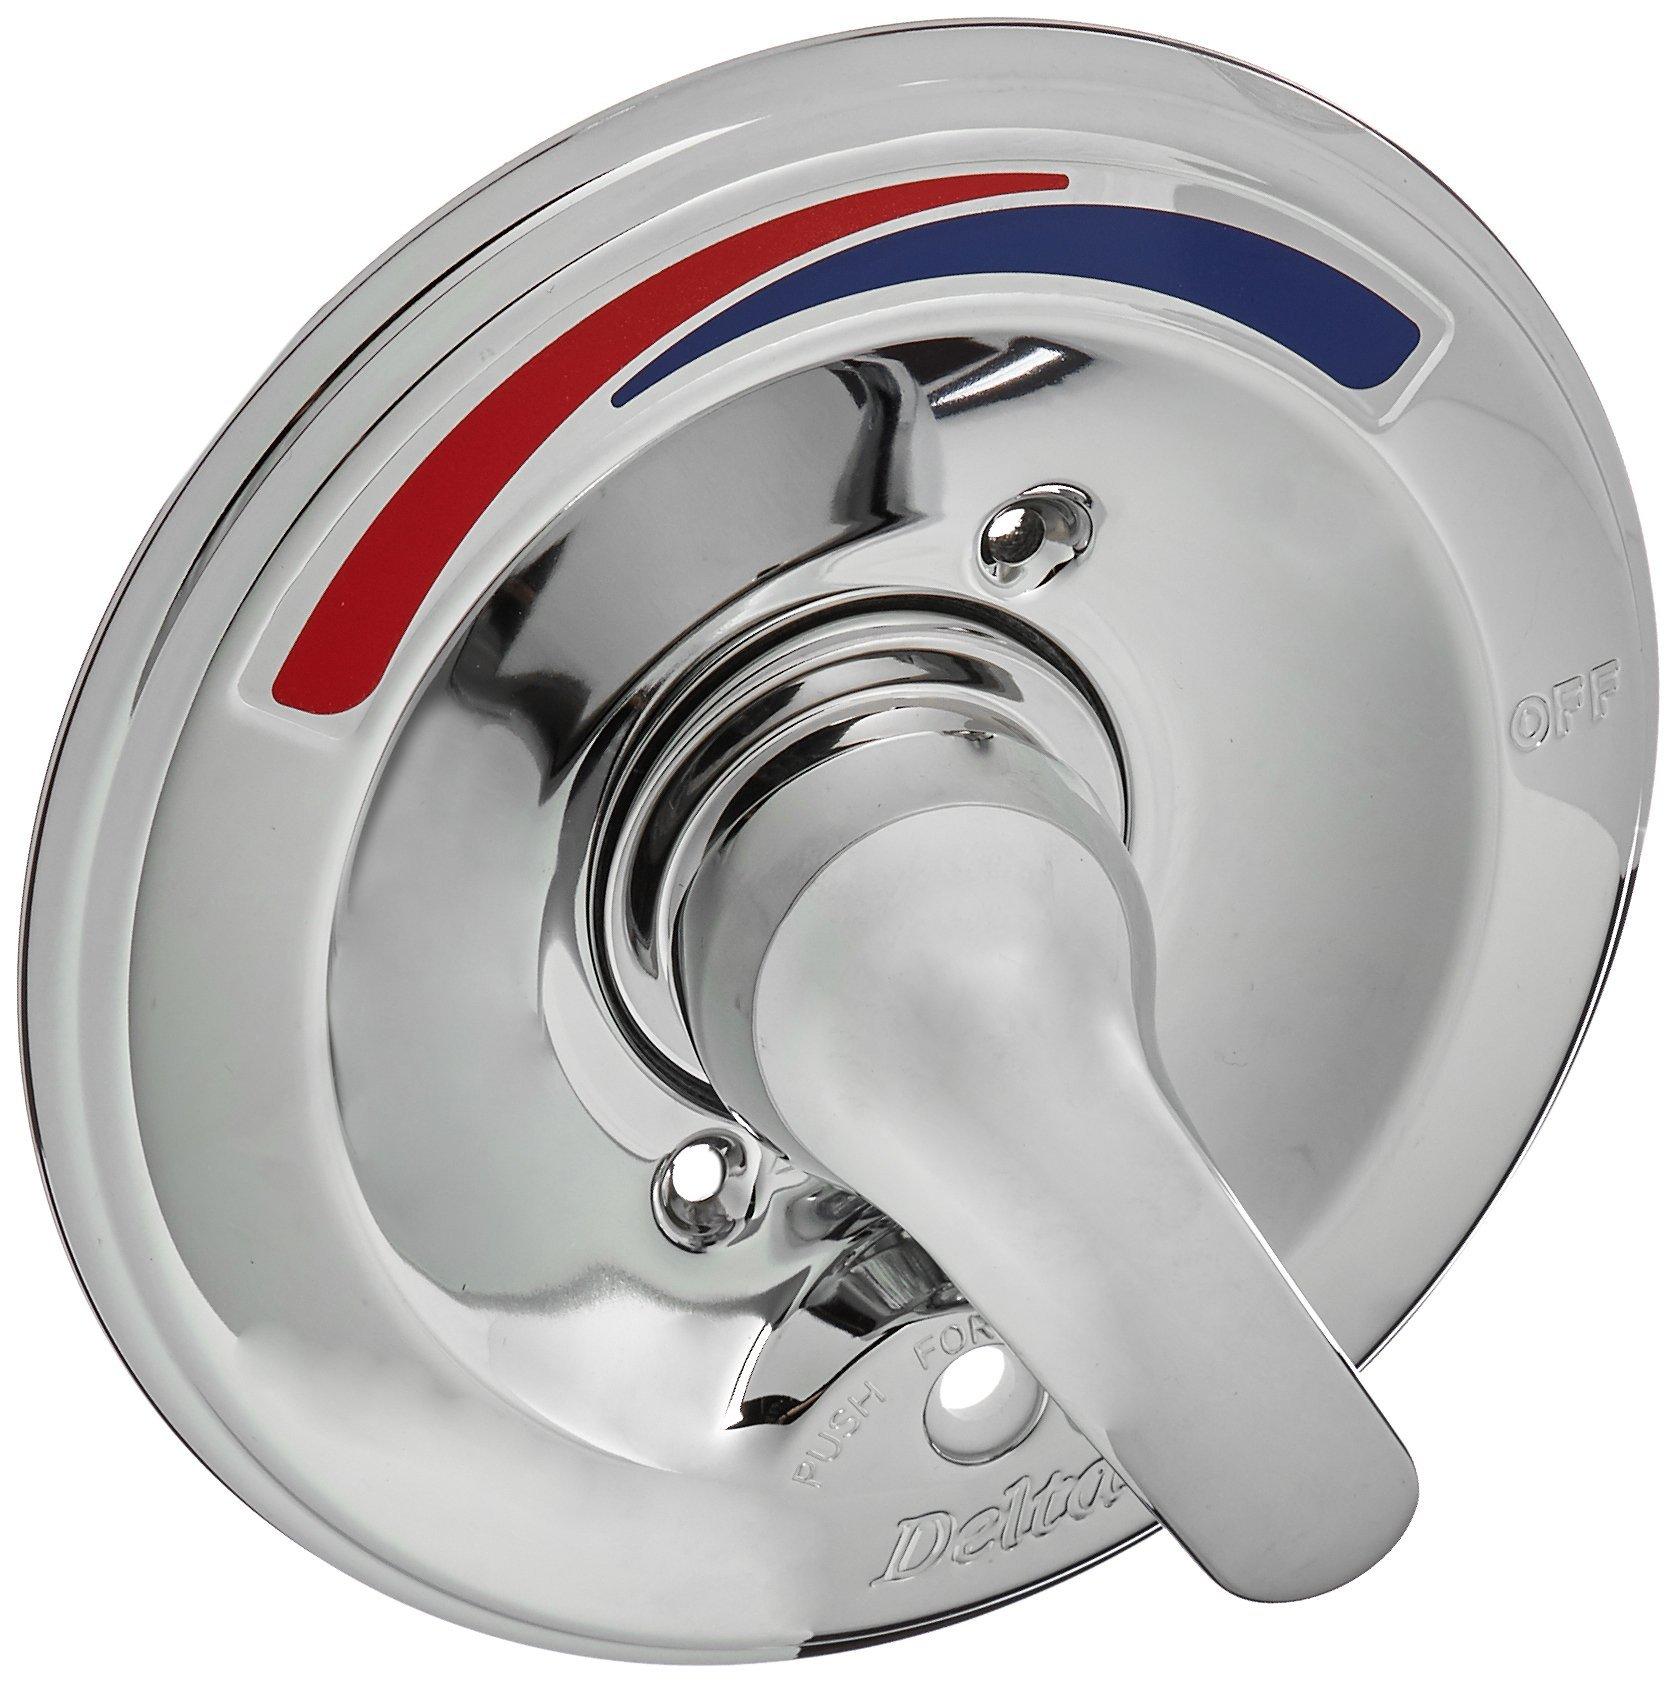 Delta Faucet T13391 Classic 13 Series Valve Trim Only - Push Button Diverter, Chrome by DELTA FAUCET